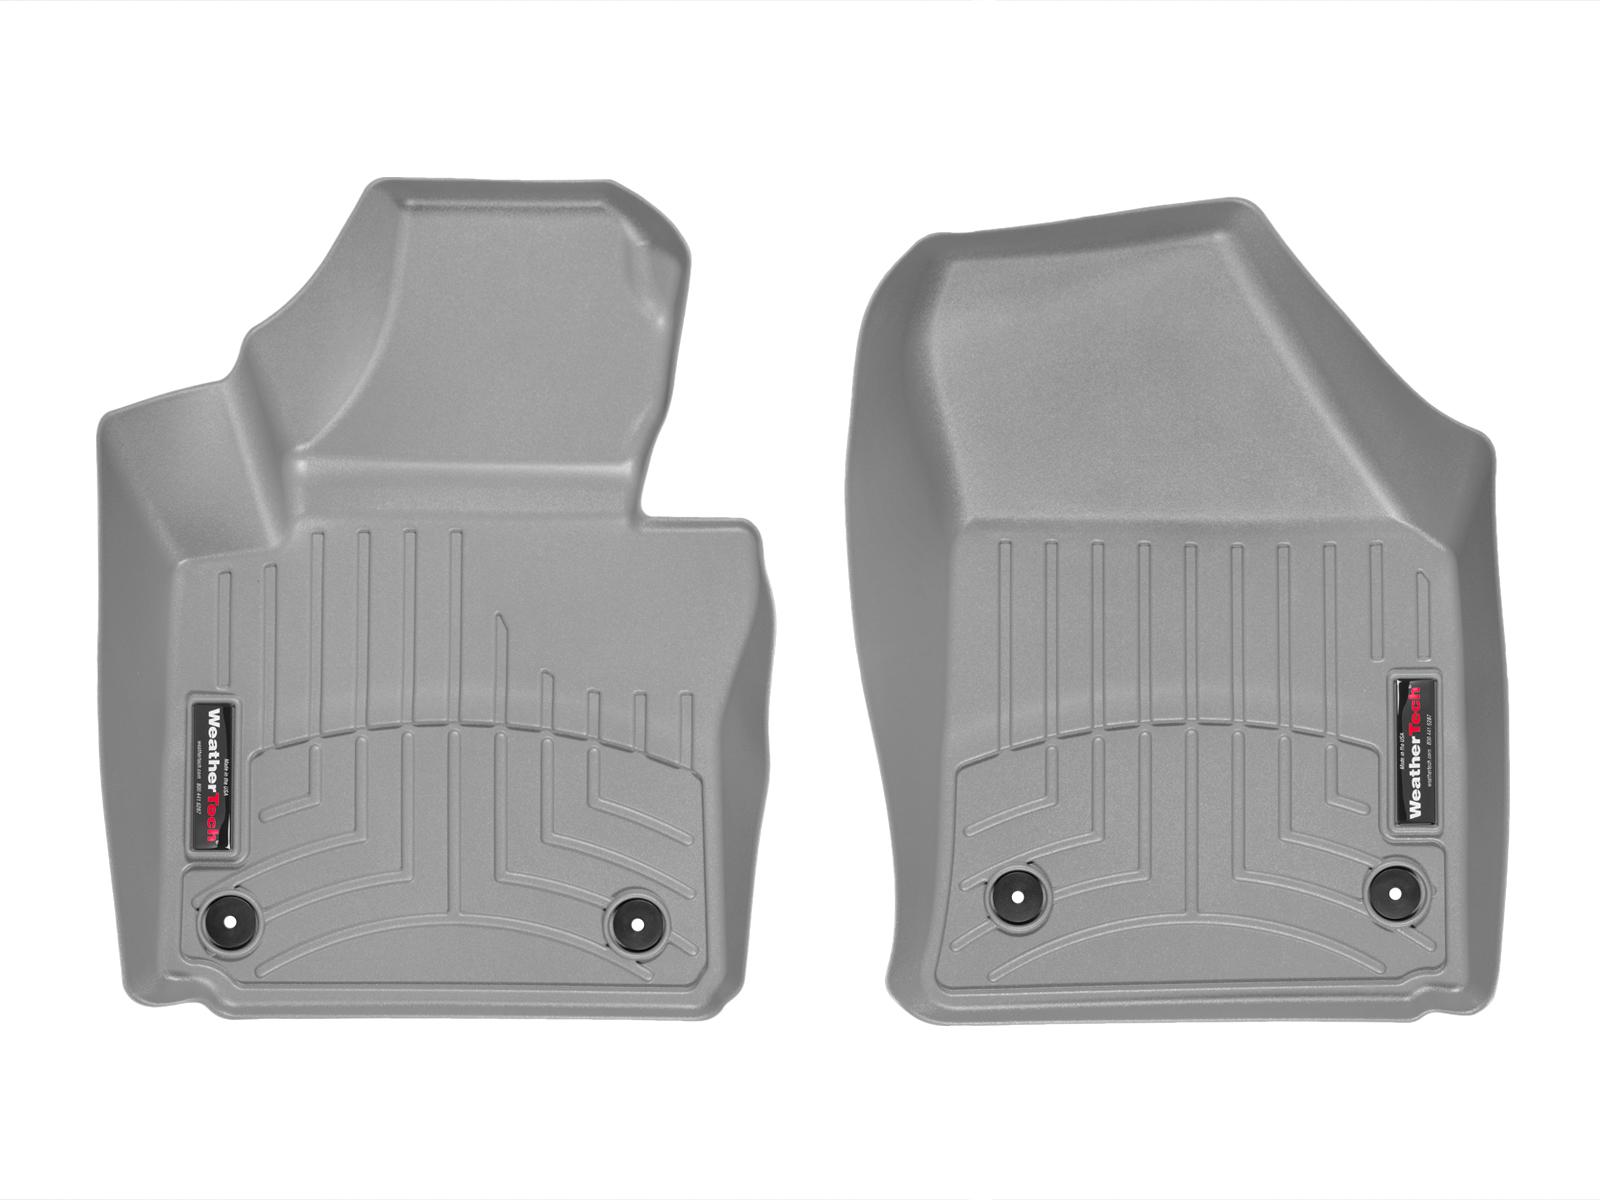 Tappeti gomma su misura bordo alto Volkswagen Touran 10>14 Grigio A4337*